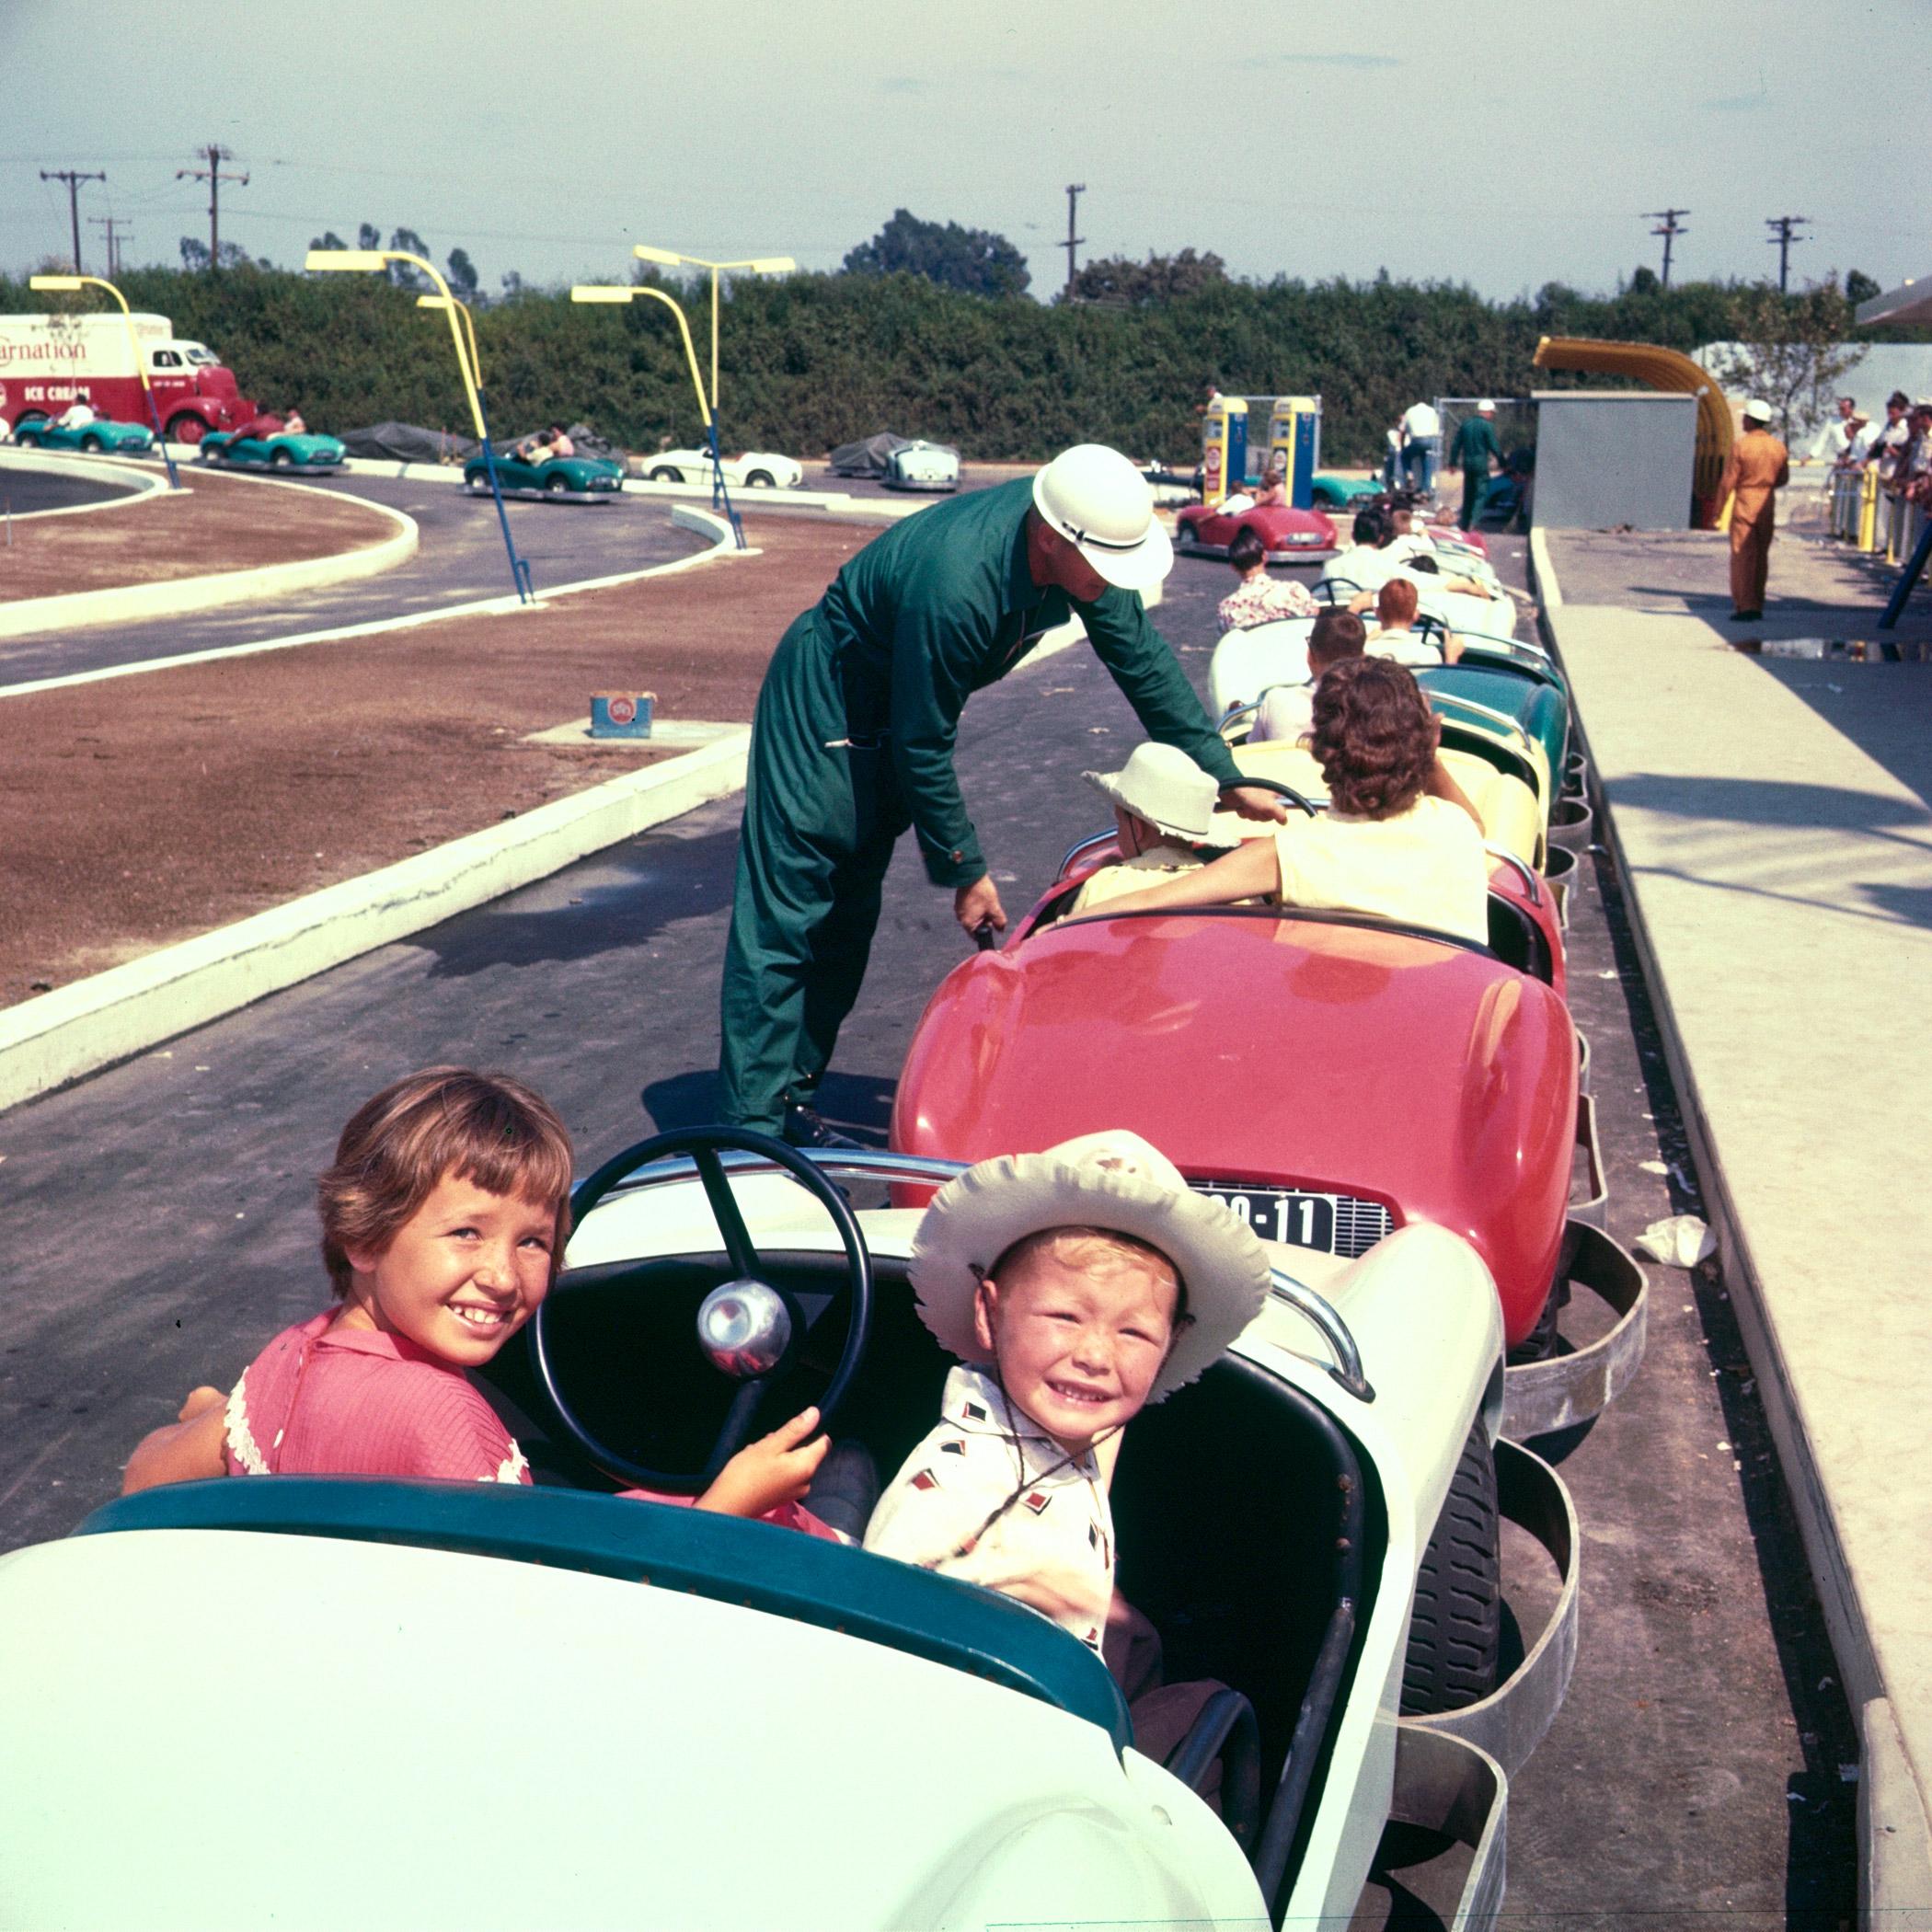 Disneyland rides in 1955.